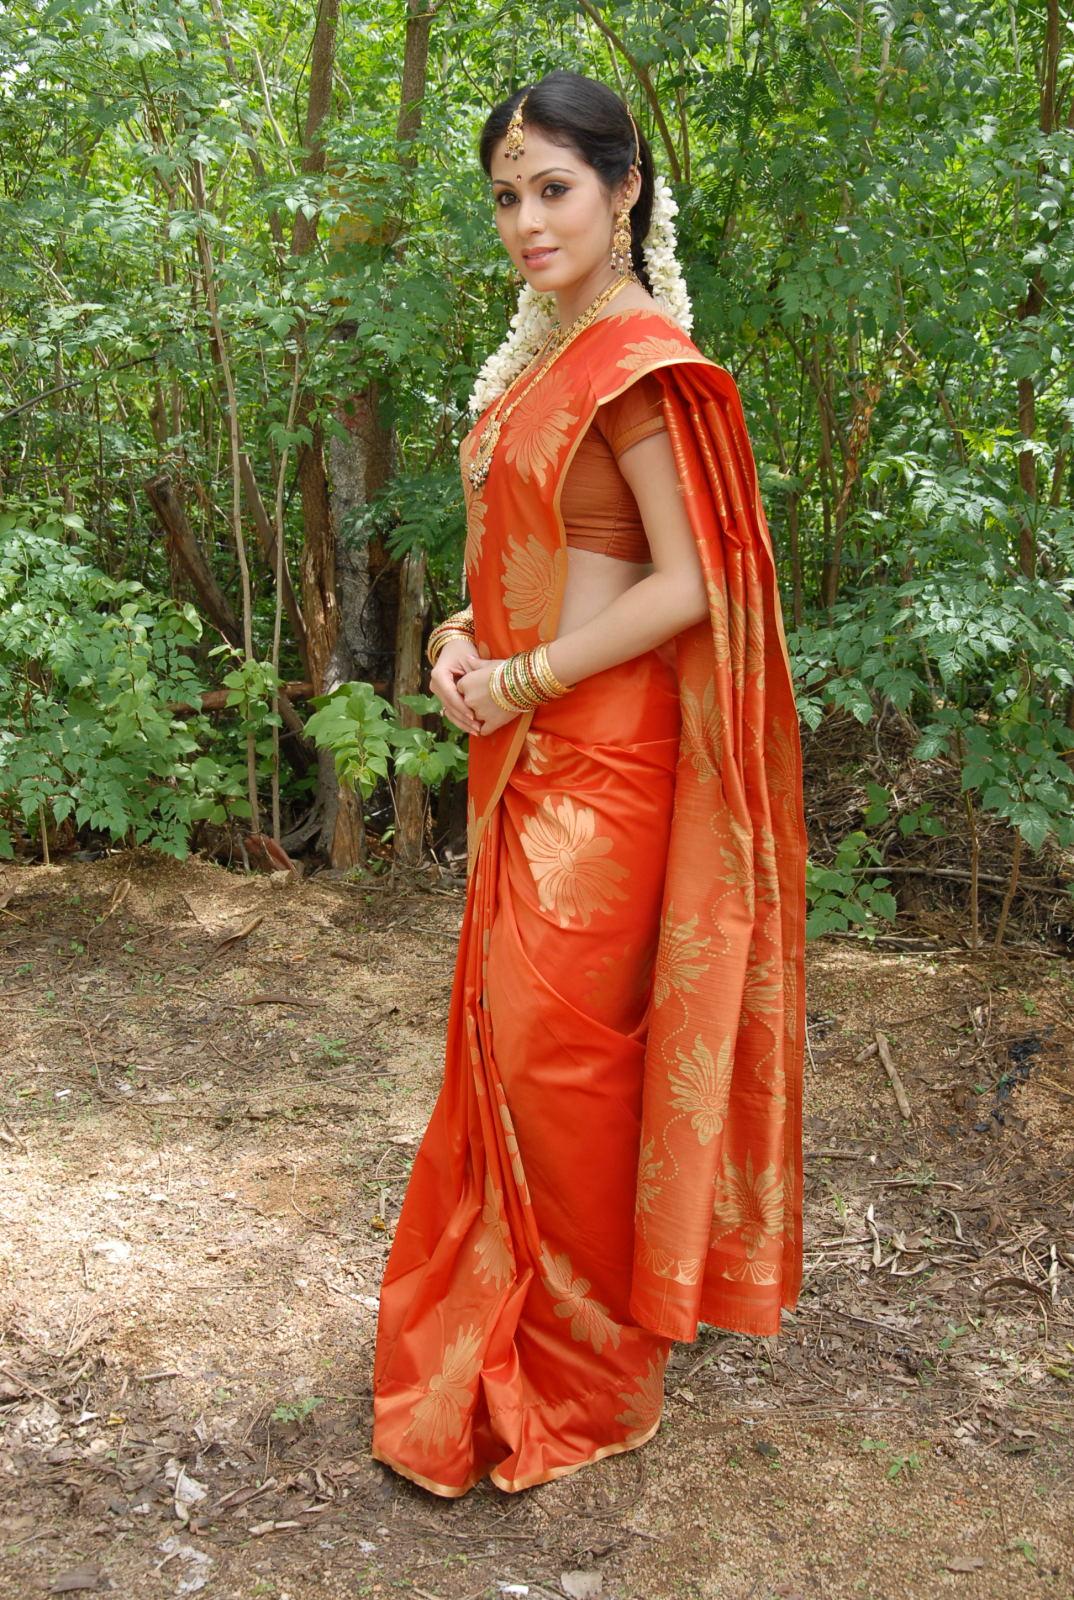 Hot Marathi photo anti